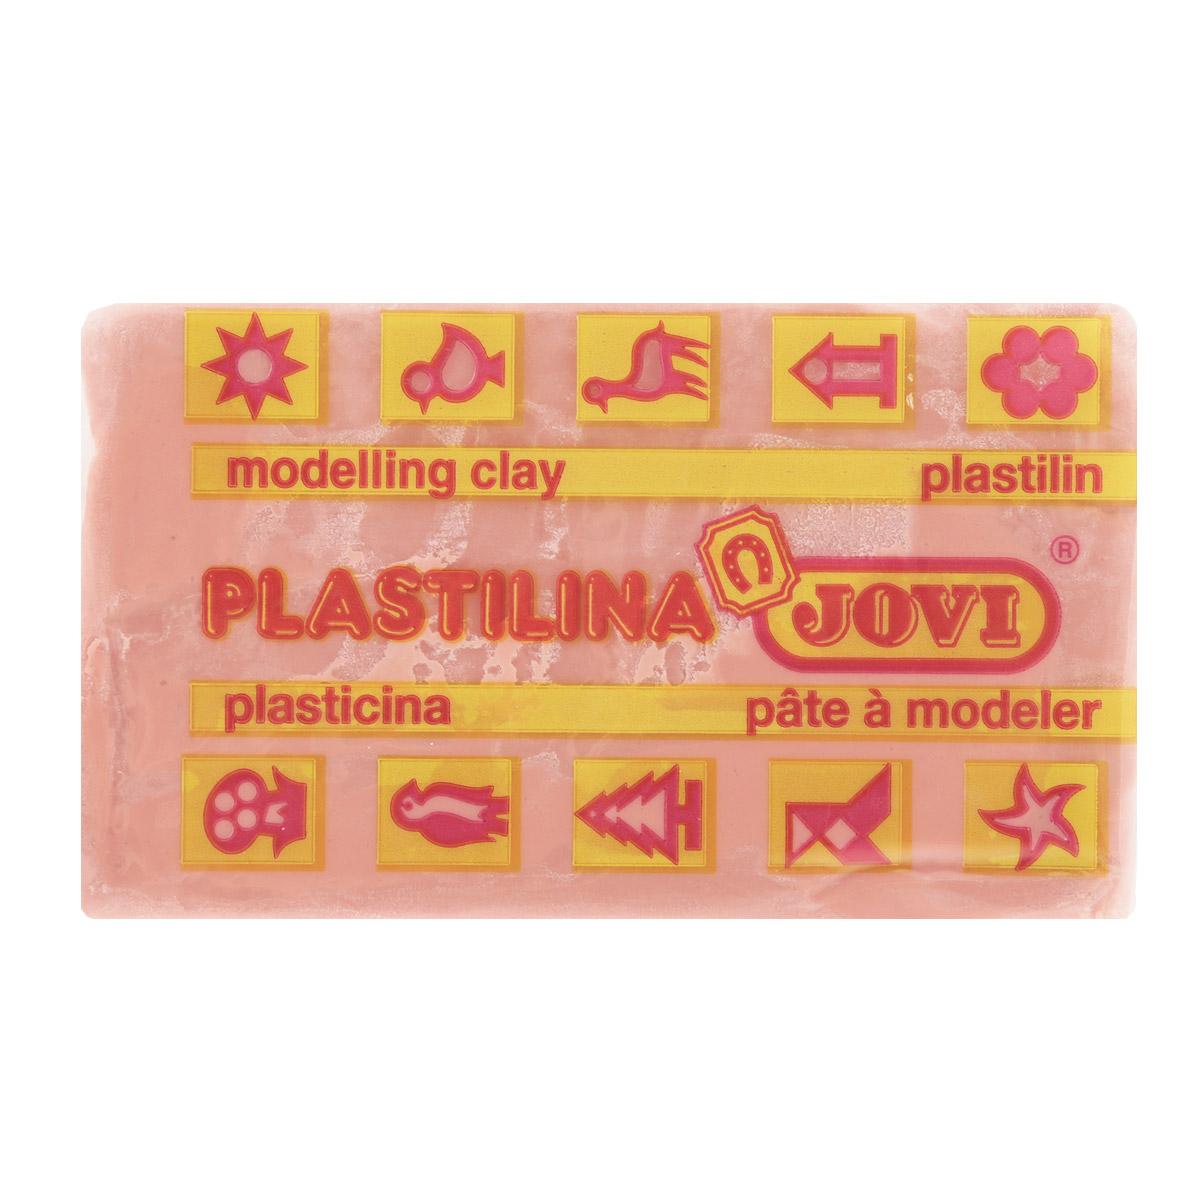 Jovi Пластилин, цвет: бежевый, 50 г7008U_бежевыйПластилин Jovi - лучший выбор для лепки, он обладает превосходными изобразительными возможностями и поэтому дает простор воображению и самым смелым творческим замыслам. Пластилин, изготовленный на растительной основе, очень мягкий, легко разминается и смешивается, не пачкает руки и не прилипает к рабочей поверхности. Пластилин пригоден для создания аппликаций и поделок, ручной лепки, моделирования на каркасе, пластилиновой живописи - рисовании пластилином по бумаге, картону, дереву или текстилю. Пластические свойства сохраняются в течение 5 лет.